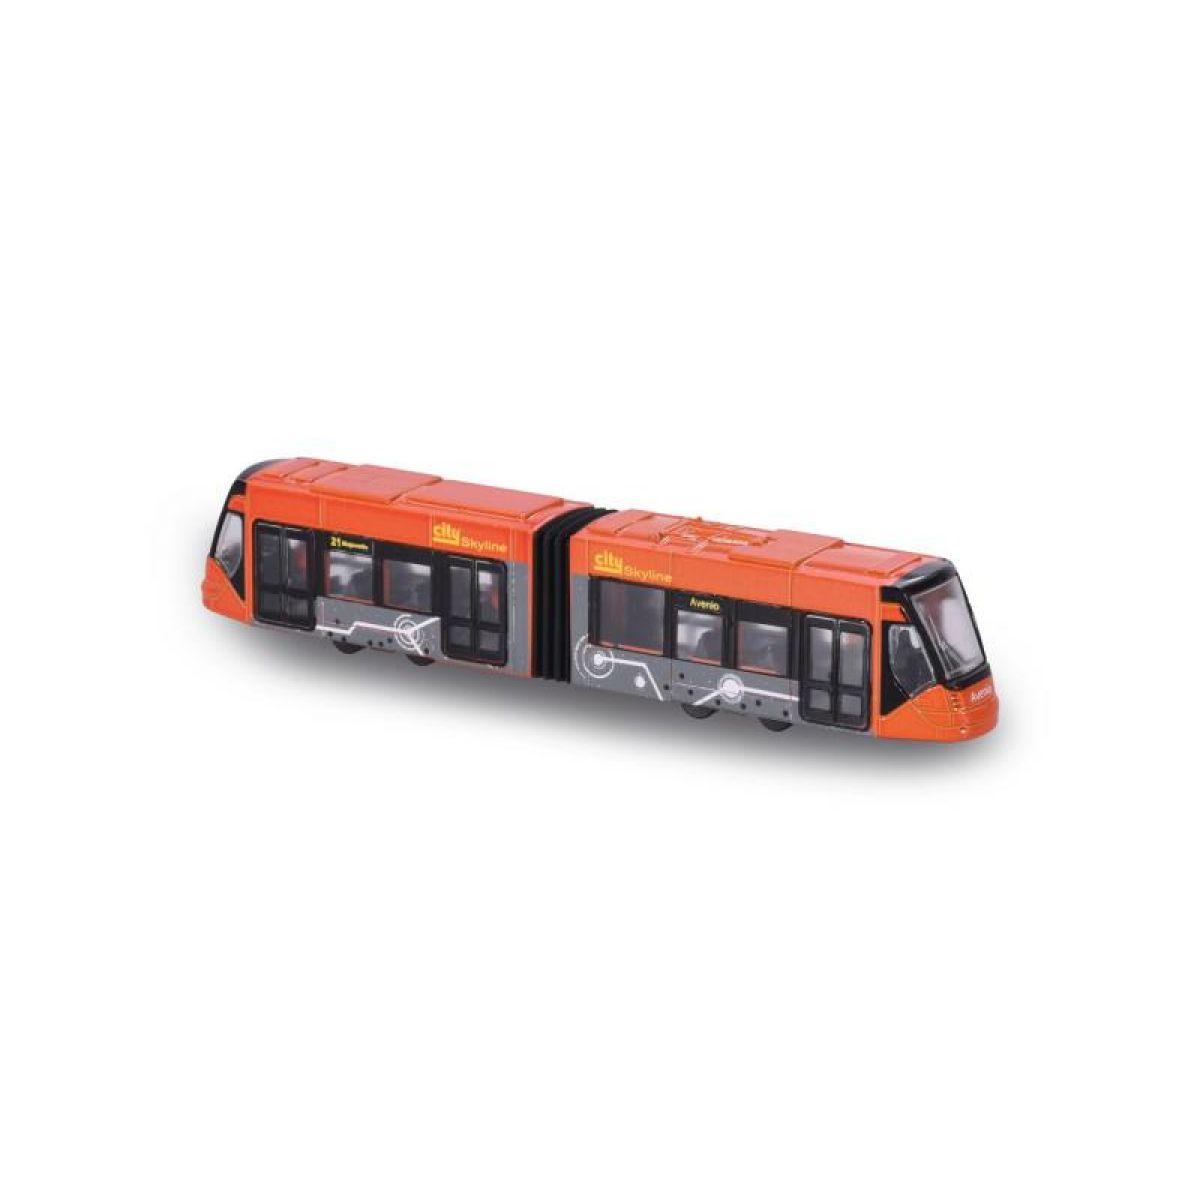 Majorette Tramvaj Siemens Avenio kovová Červená